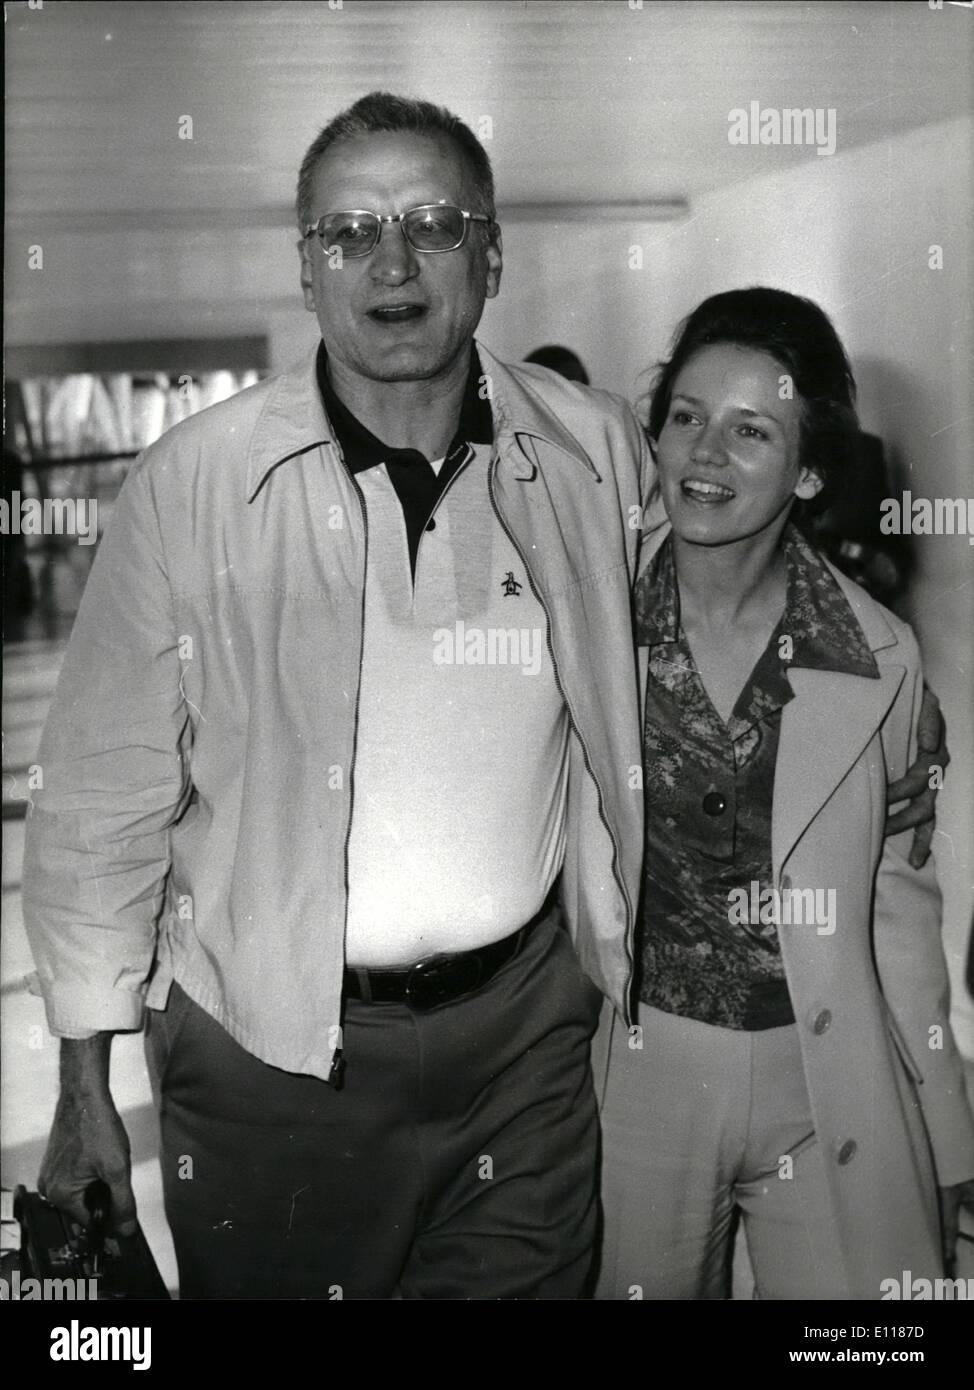 Avril 04, 1976 - La Belle et la Bête arrivent de Los Angeles. Hollywood star George C. Scott et sa femme actrice, Trish Van Dervere ont volé dans l'aéroport de Heathrow, aujourd'hui à partir de Los Angeles et a révélé qu'ils sont d'étoiles ensemble dans un film d'être fabriqué en Angleterre, fondée sur l'ancien conte de fées, La Belle et la Bête, légèrement modifiée afin qu'elle soit mature histoire d'amour. M. Scott a dit: ''naturellement, je suis la bête et ma femme la Beauté''. Ils en sont à leur première visite à Londres pendant cinq ans. Photo: George C. Scott et sa femme Trish à leur arrivée à l'aéroport d'Heathrow d'aujourd'hui. Photo Stock